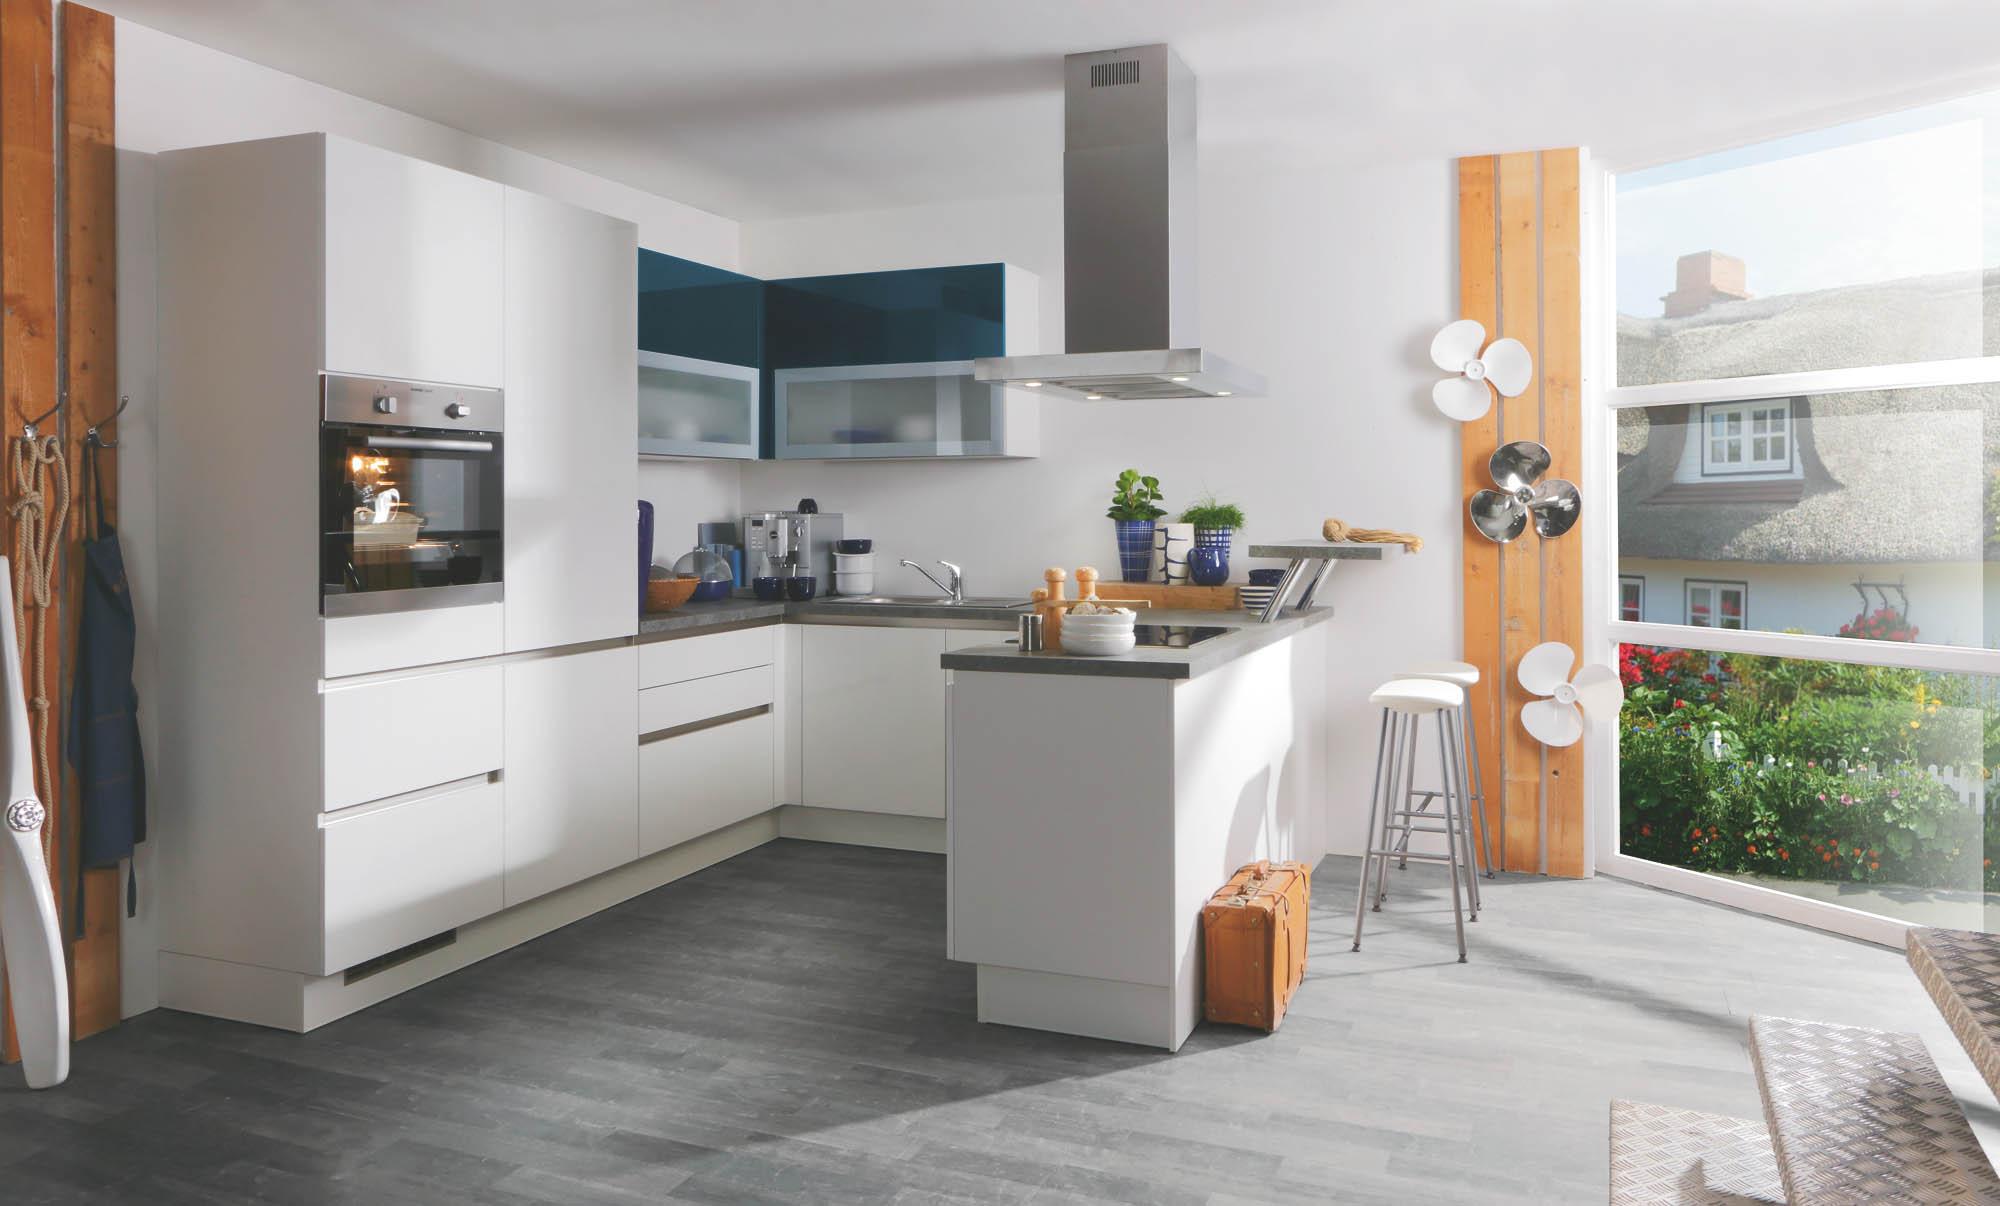 Full Size of Einbauküchen Mit Elektrogeräten U Form Einbauküche Elektrogeräte Miele Einbauküchen Mit Elektrogeräten Ohne Kühlschrank Einbauküche Gebraucht Mit Elektrogeräten Ebay Küche Einbauküche Mit Elektrogeräten